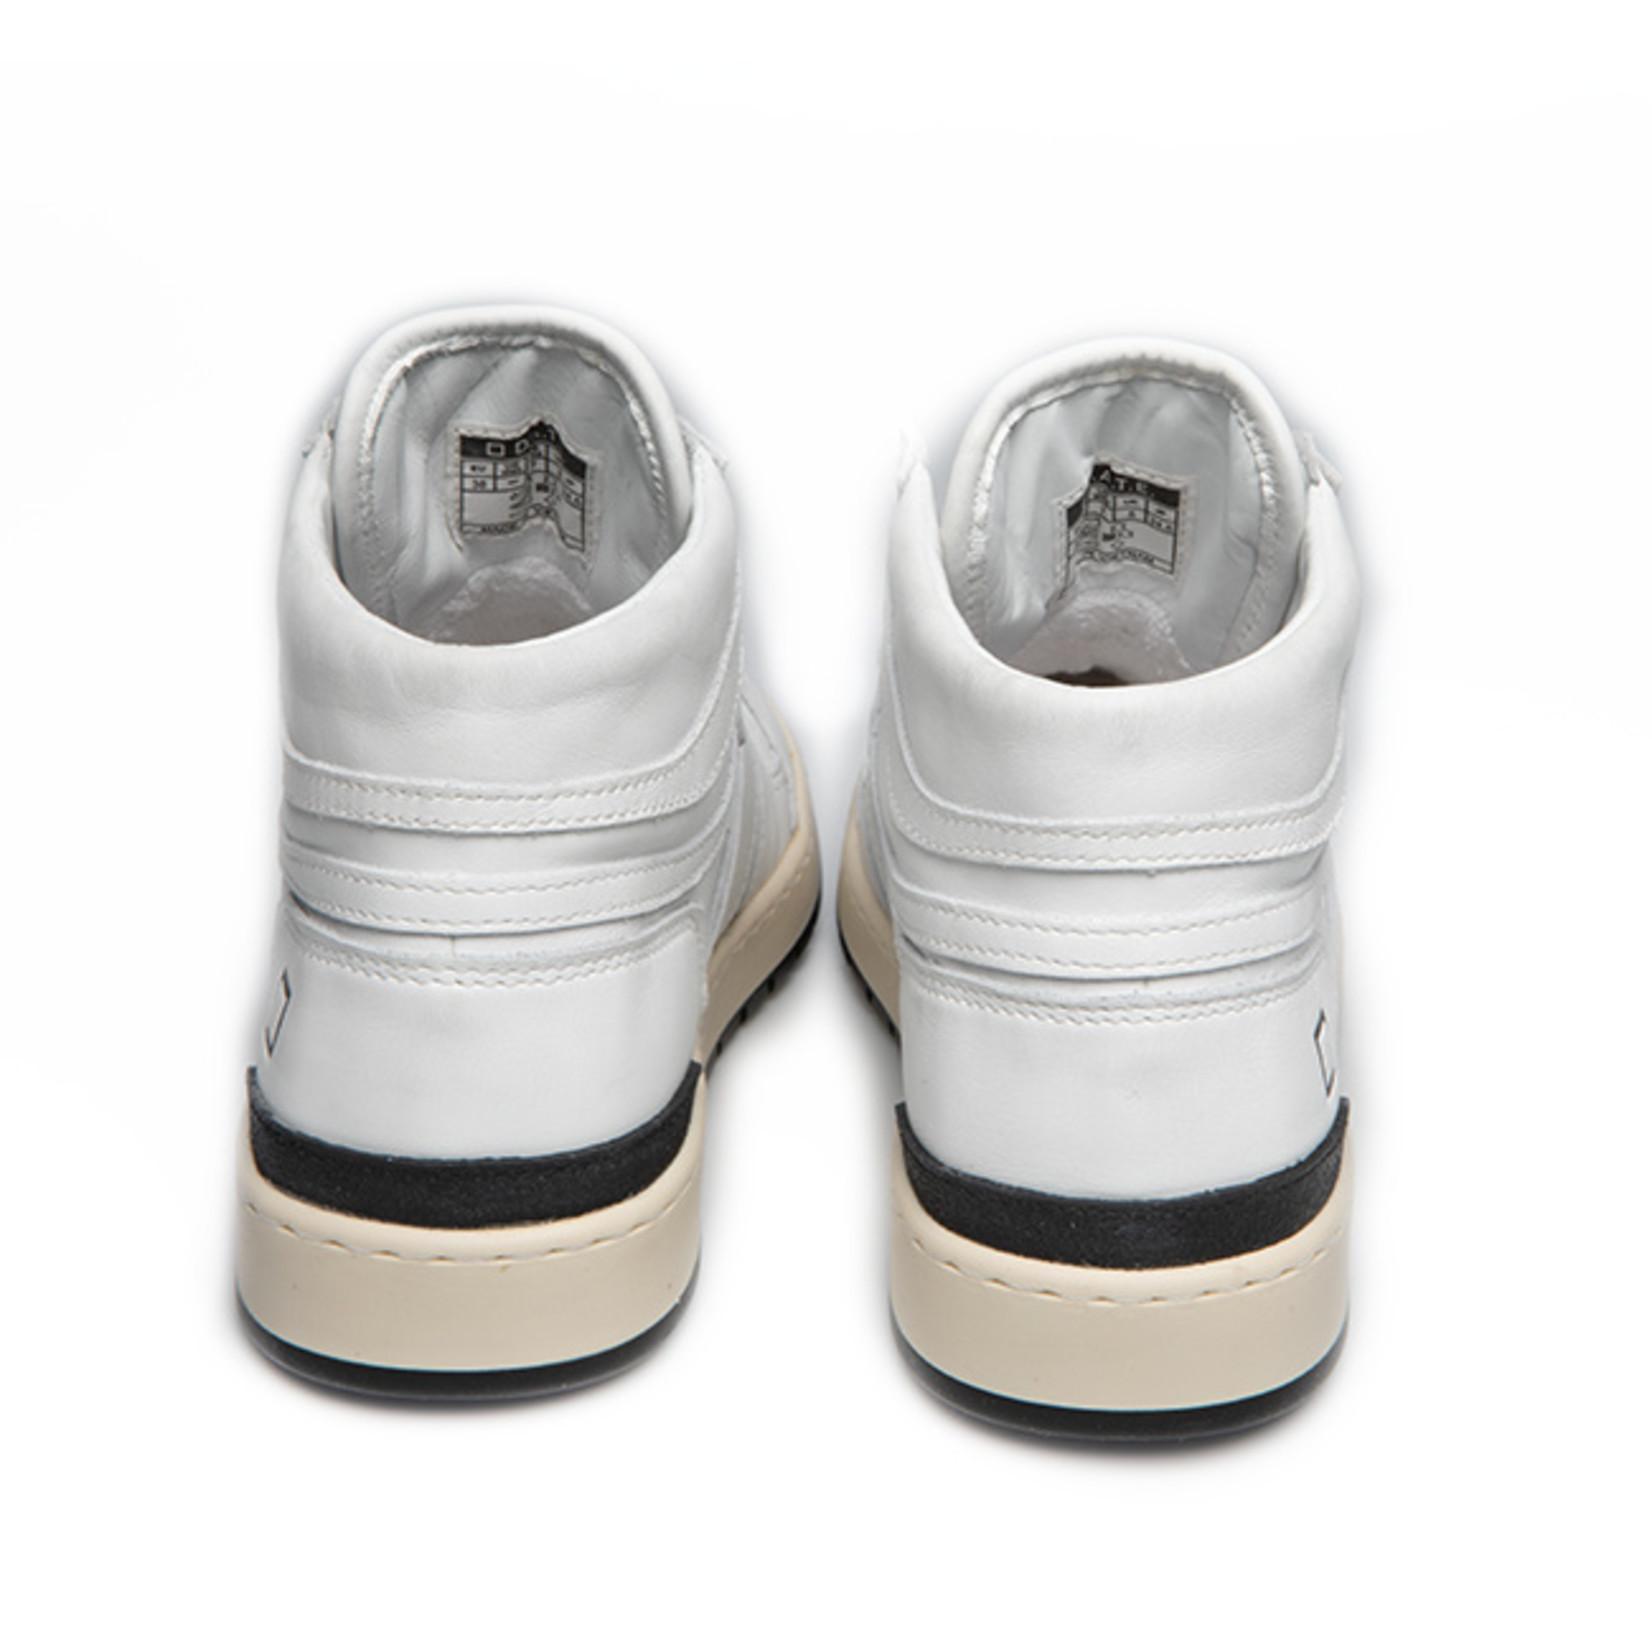 D.A.T.E. Sport high sneaker